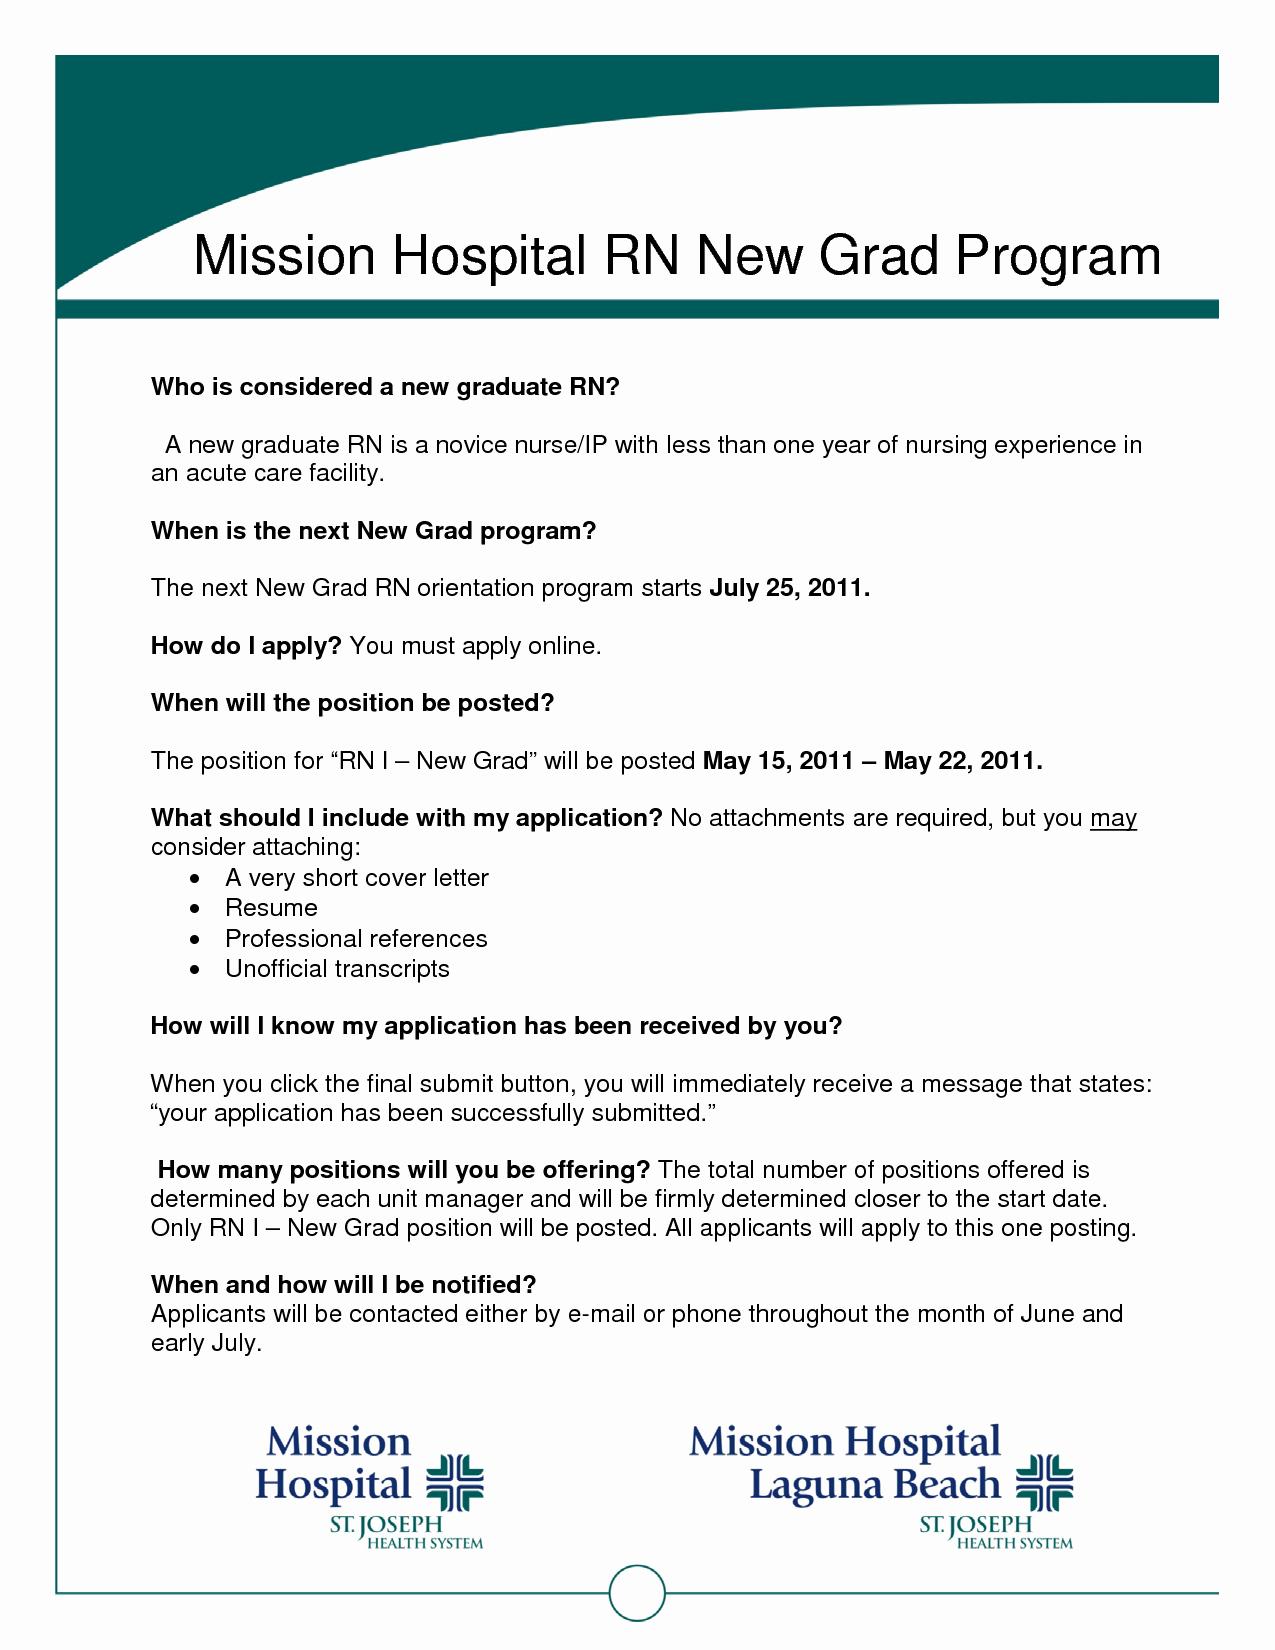 Graduate Nurse Resume Template Best Of Graduate Nurse Resume Template Resume Ideas